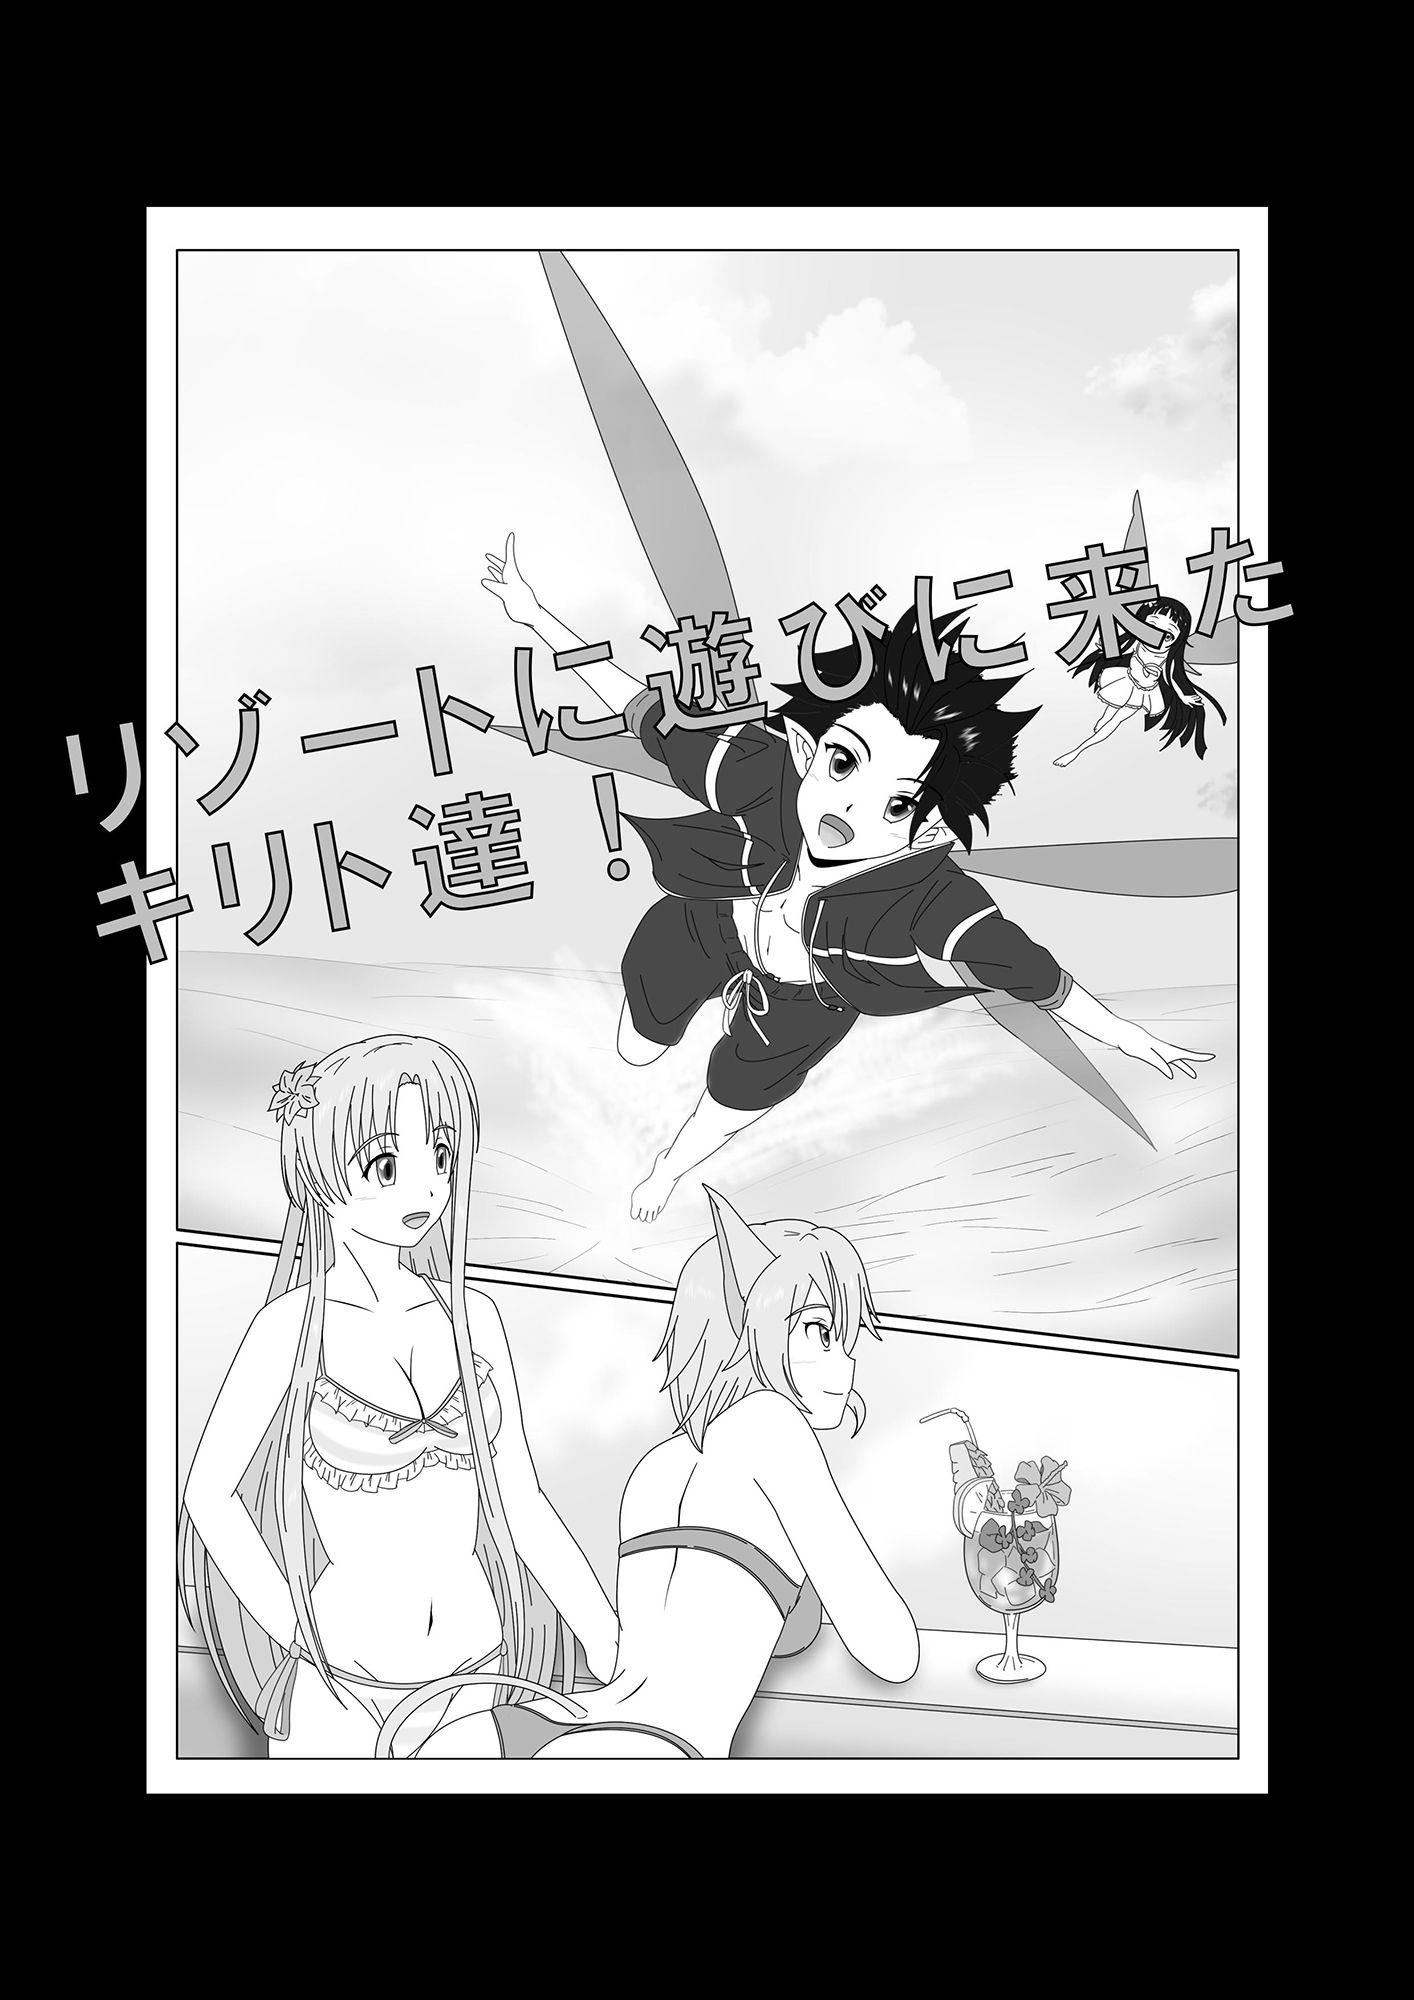 【アスナ 同人】スパンキング・オンライン3(spankingonline3)